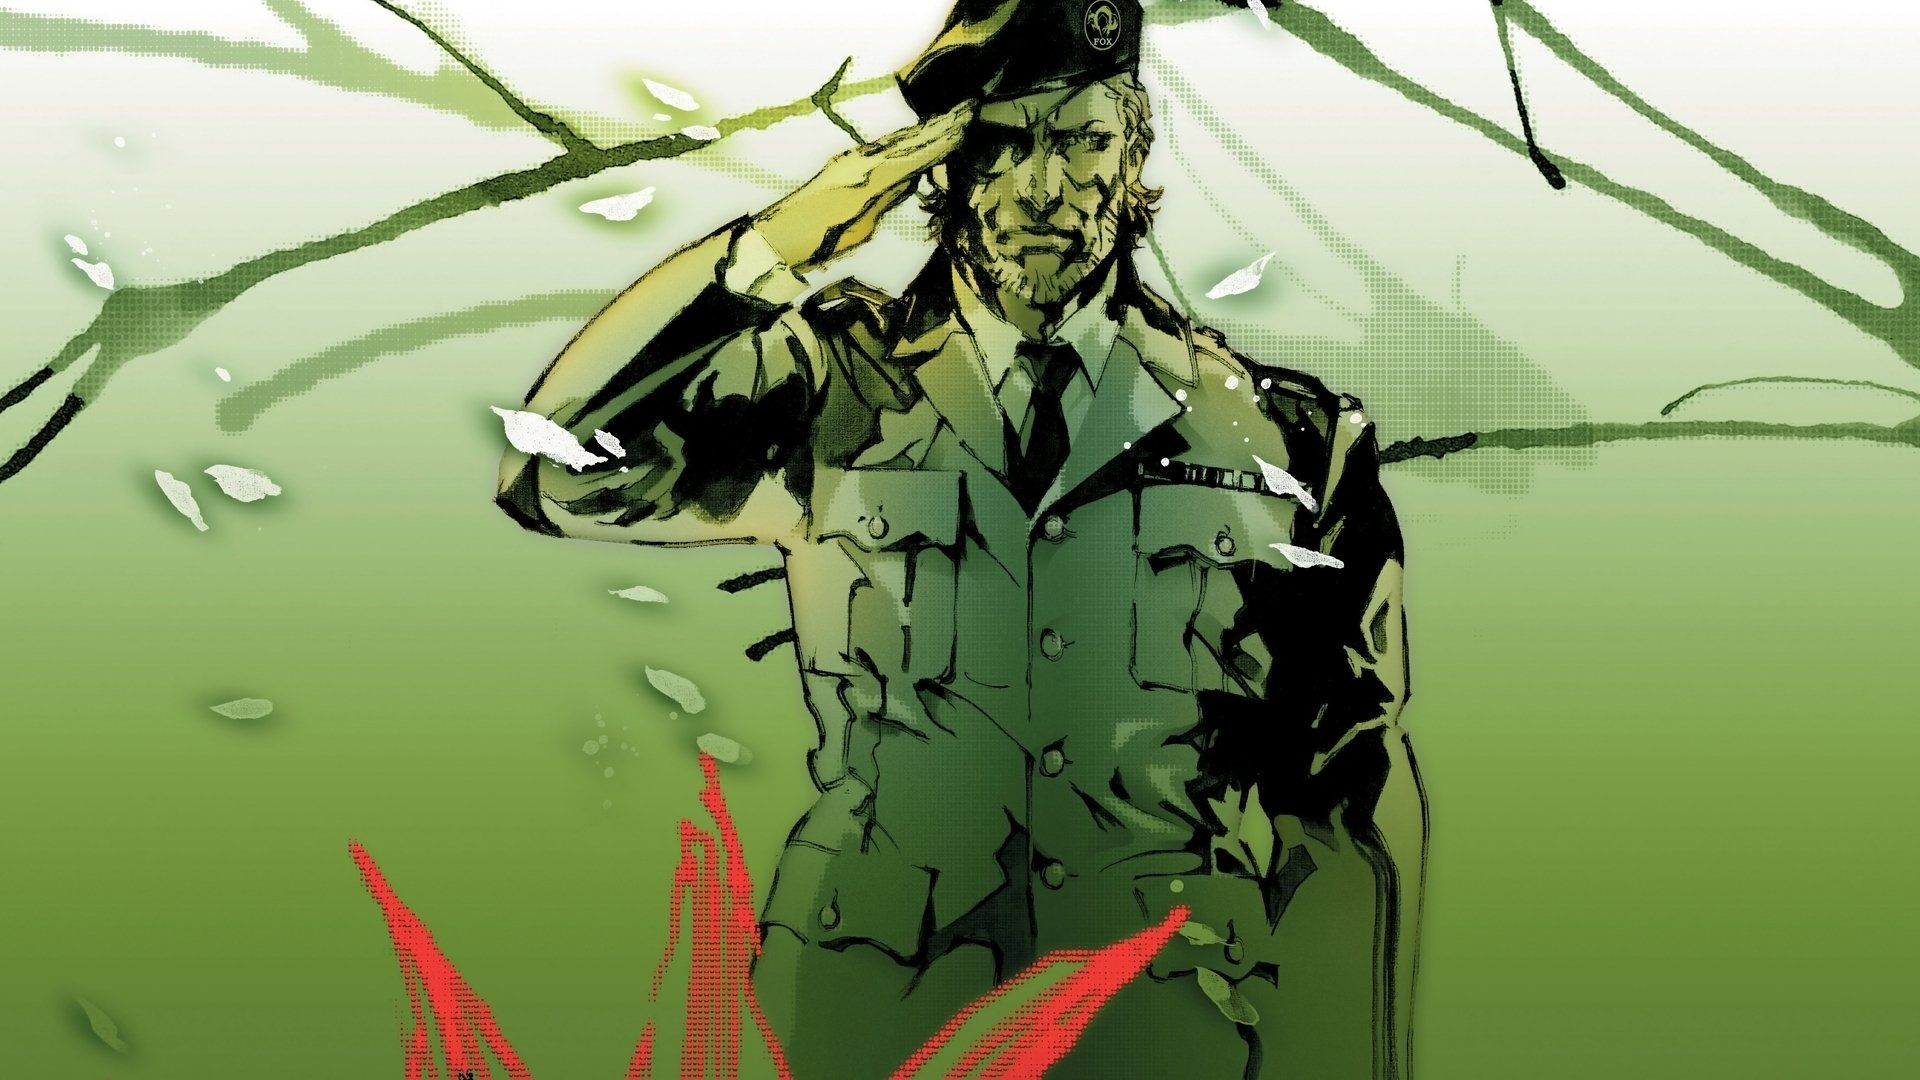 Metal Gear Solid 3 Snake Eater Wallpapers Top Free Metal Gear